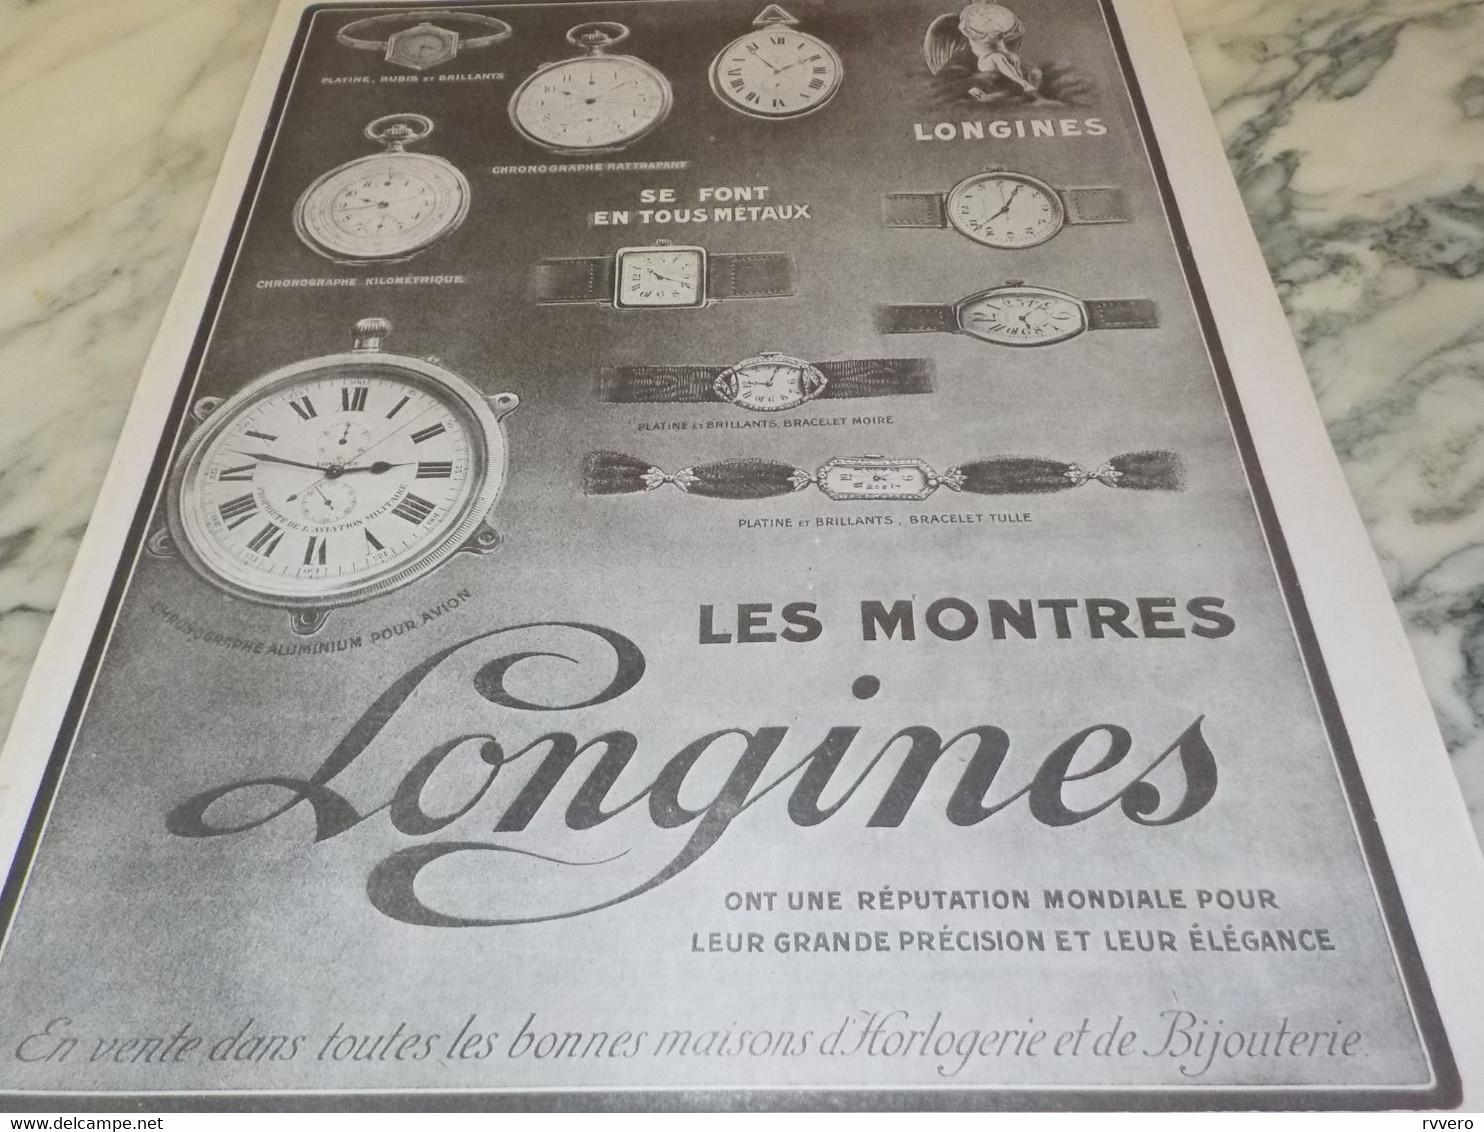 ANCIENNE PUBLICITE MONTRE LONGINES REPUTATION MONDIAL 1916 - Bijoux & Horlogerie